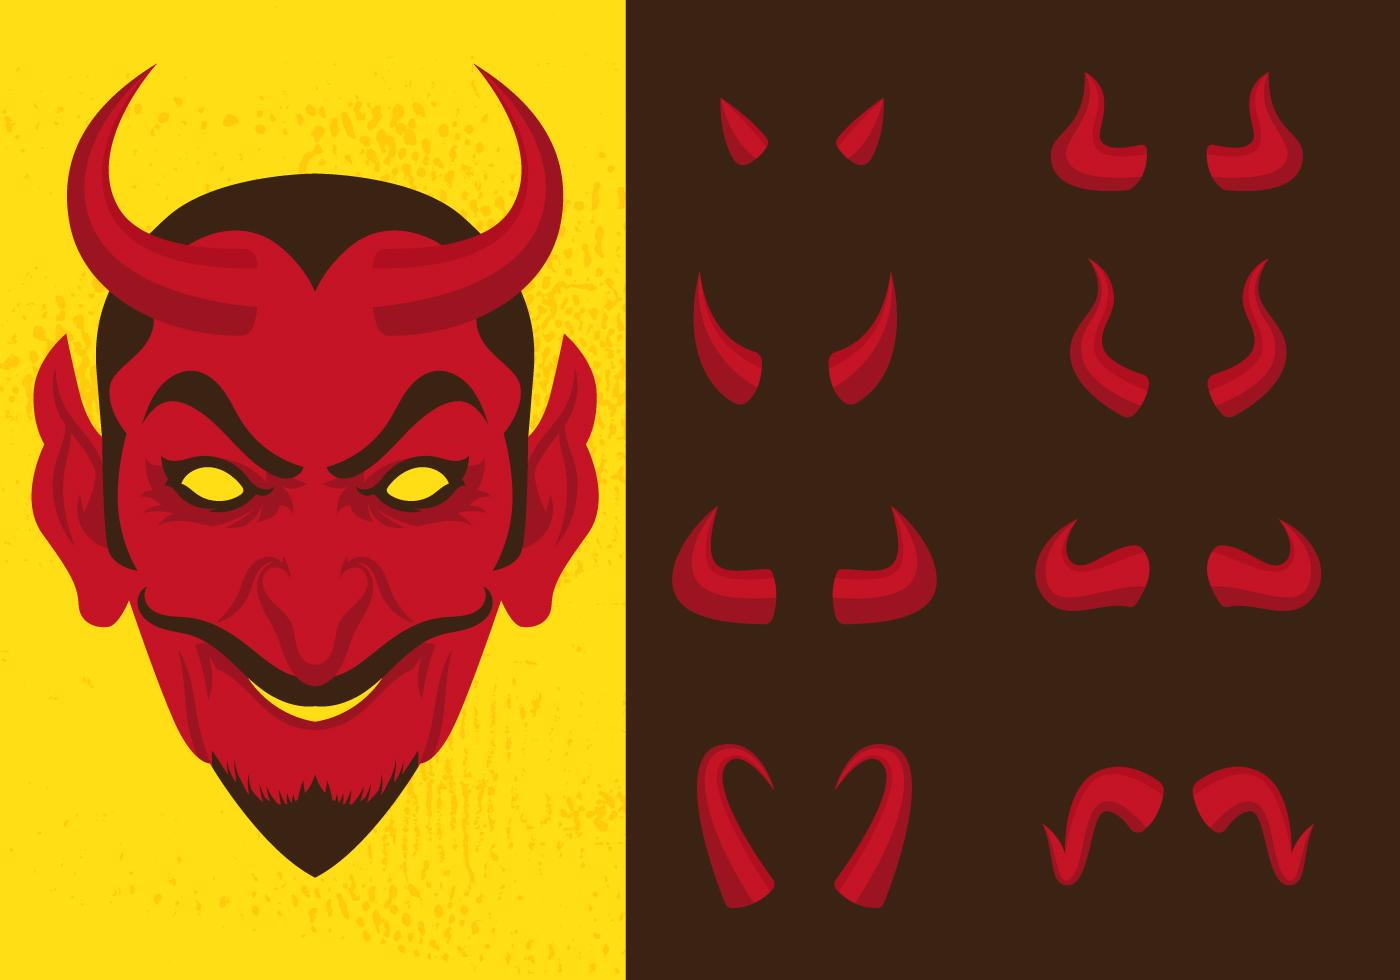 Cuernos De Diablo Png: Lucifer Y Los Diferentes Cuernos Del Diablo